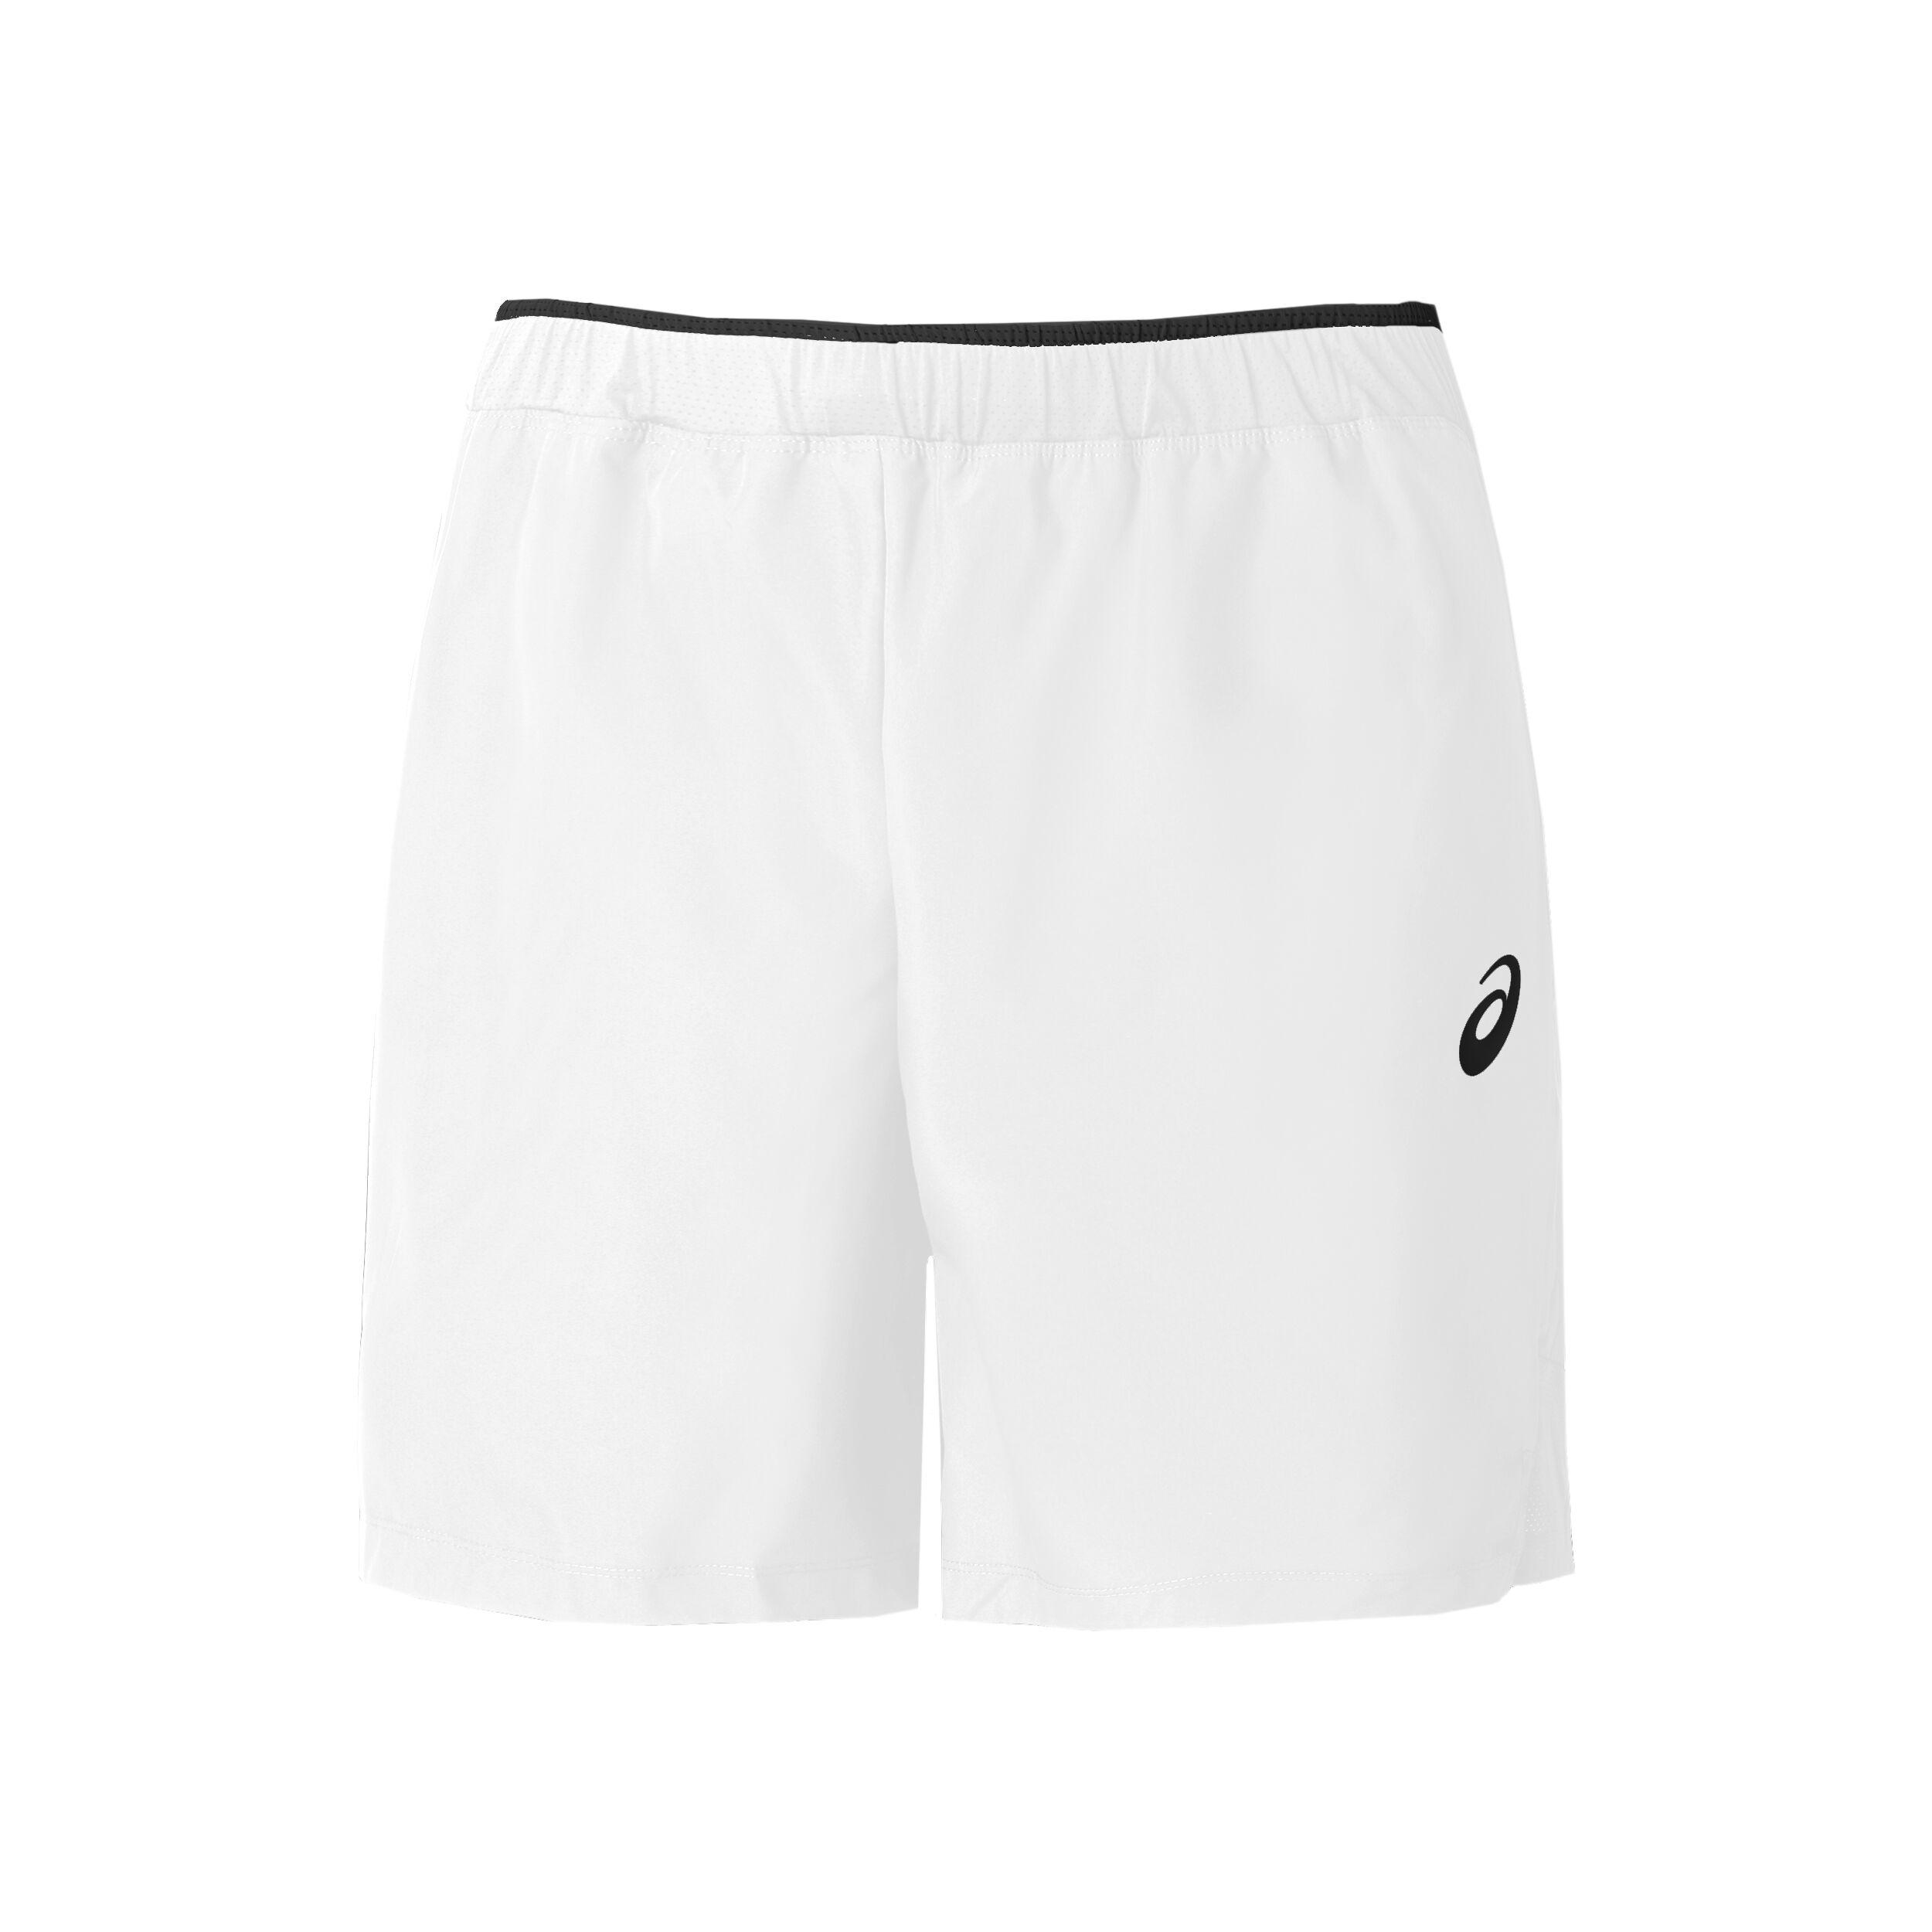 7in Shorts Herren Weiß, Schwarz